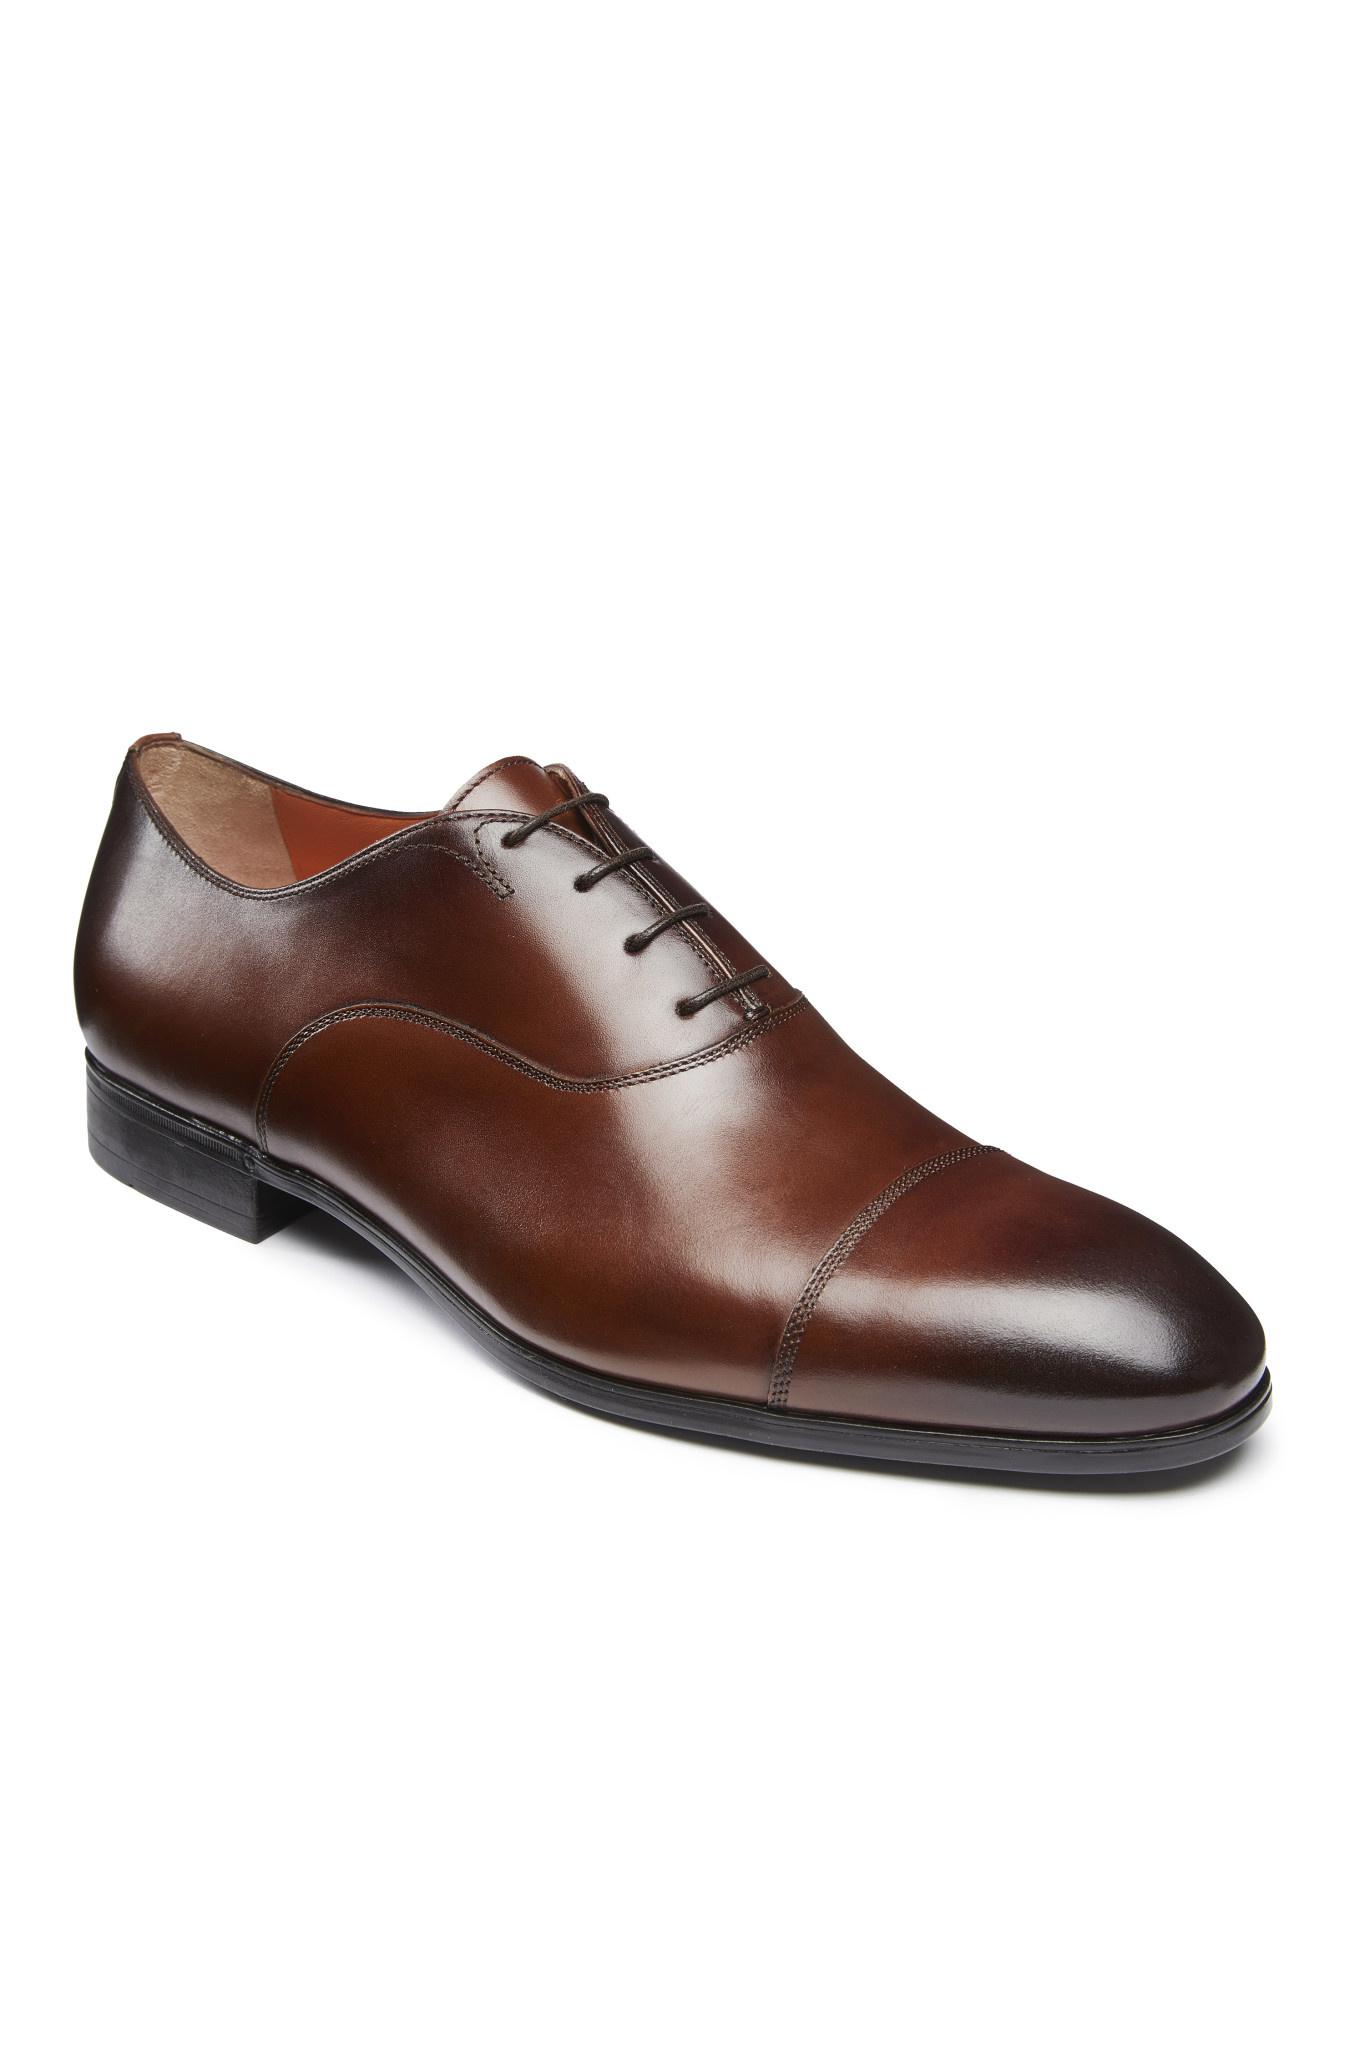 santoni shoe laces